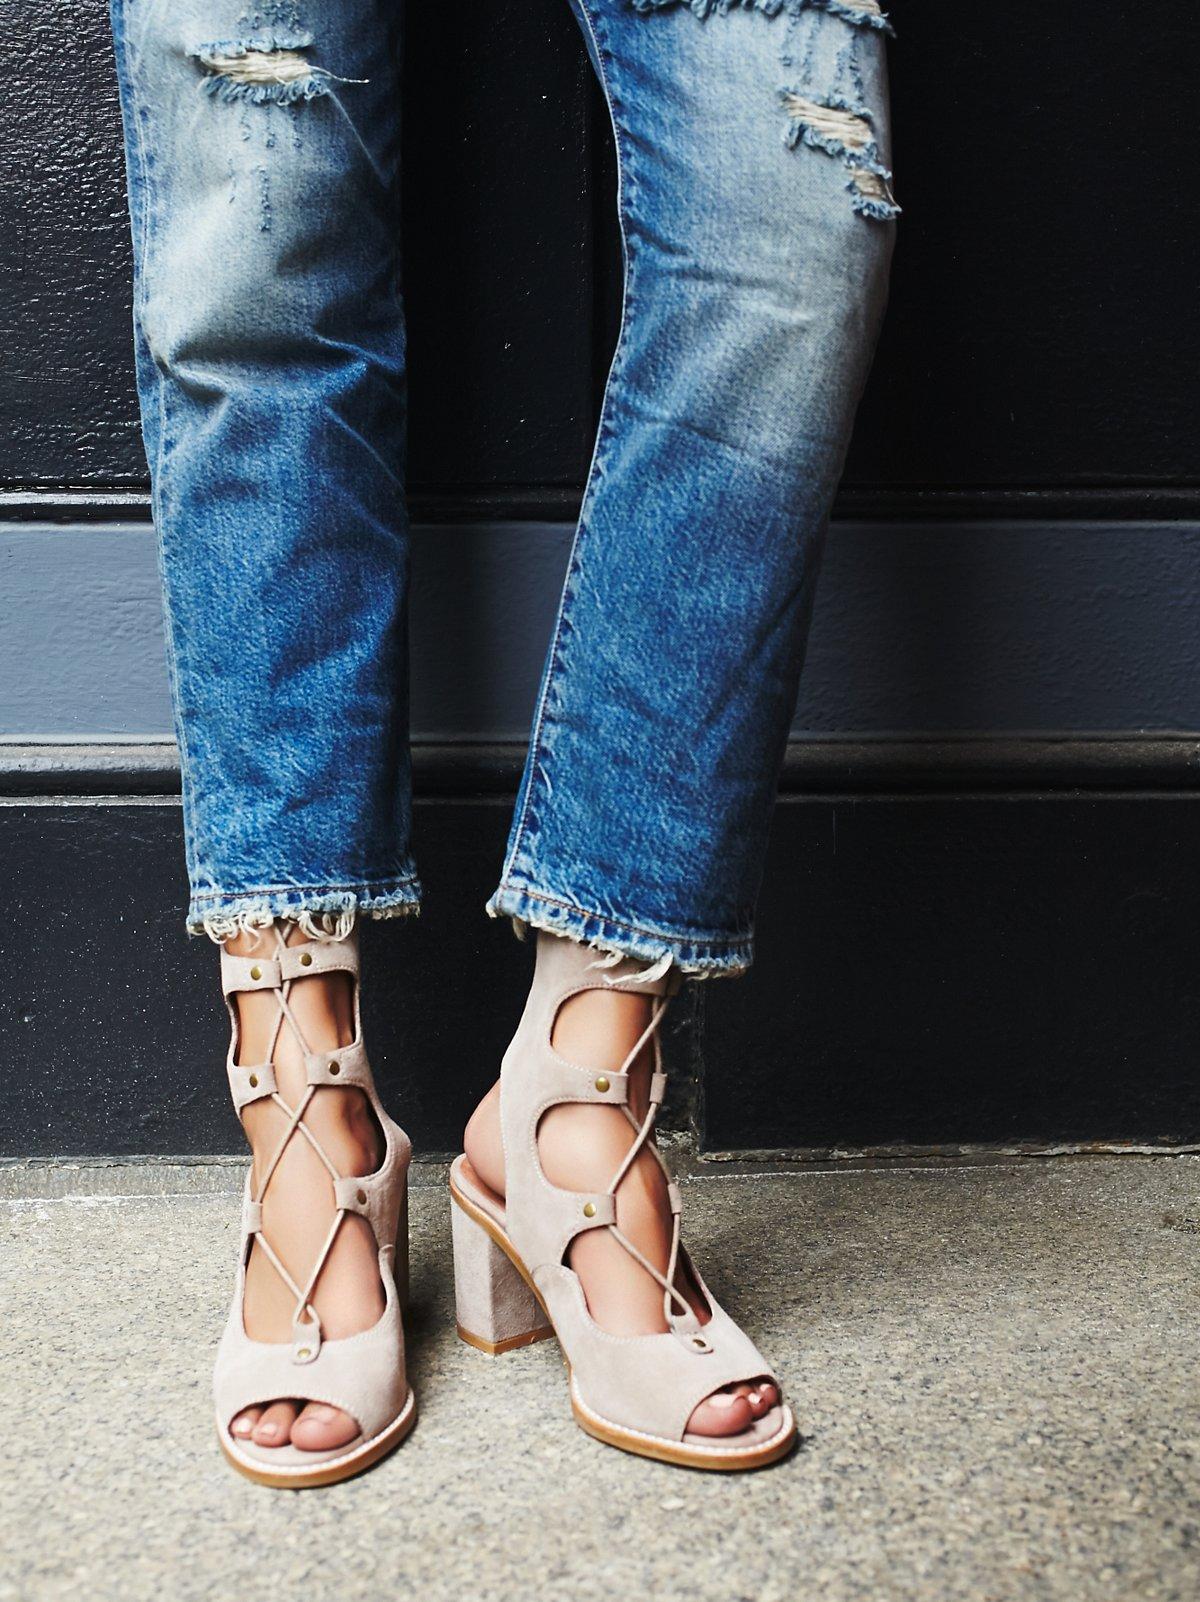 Lola绑带高跟鞋